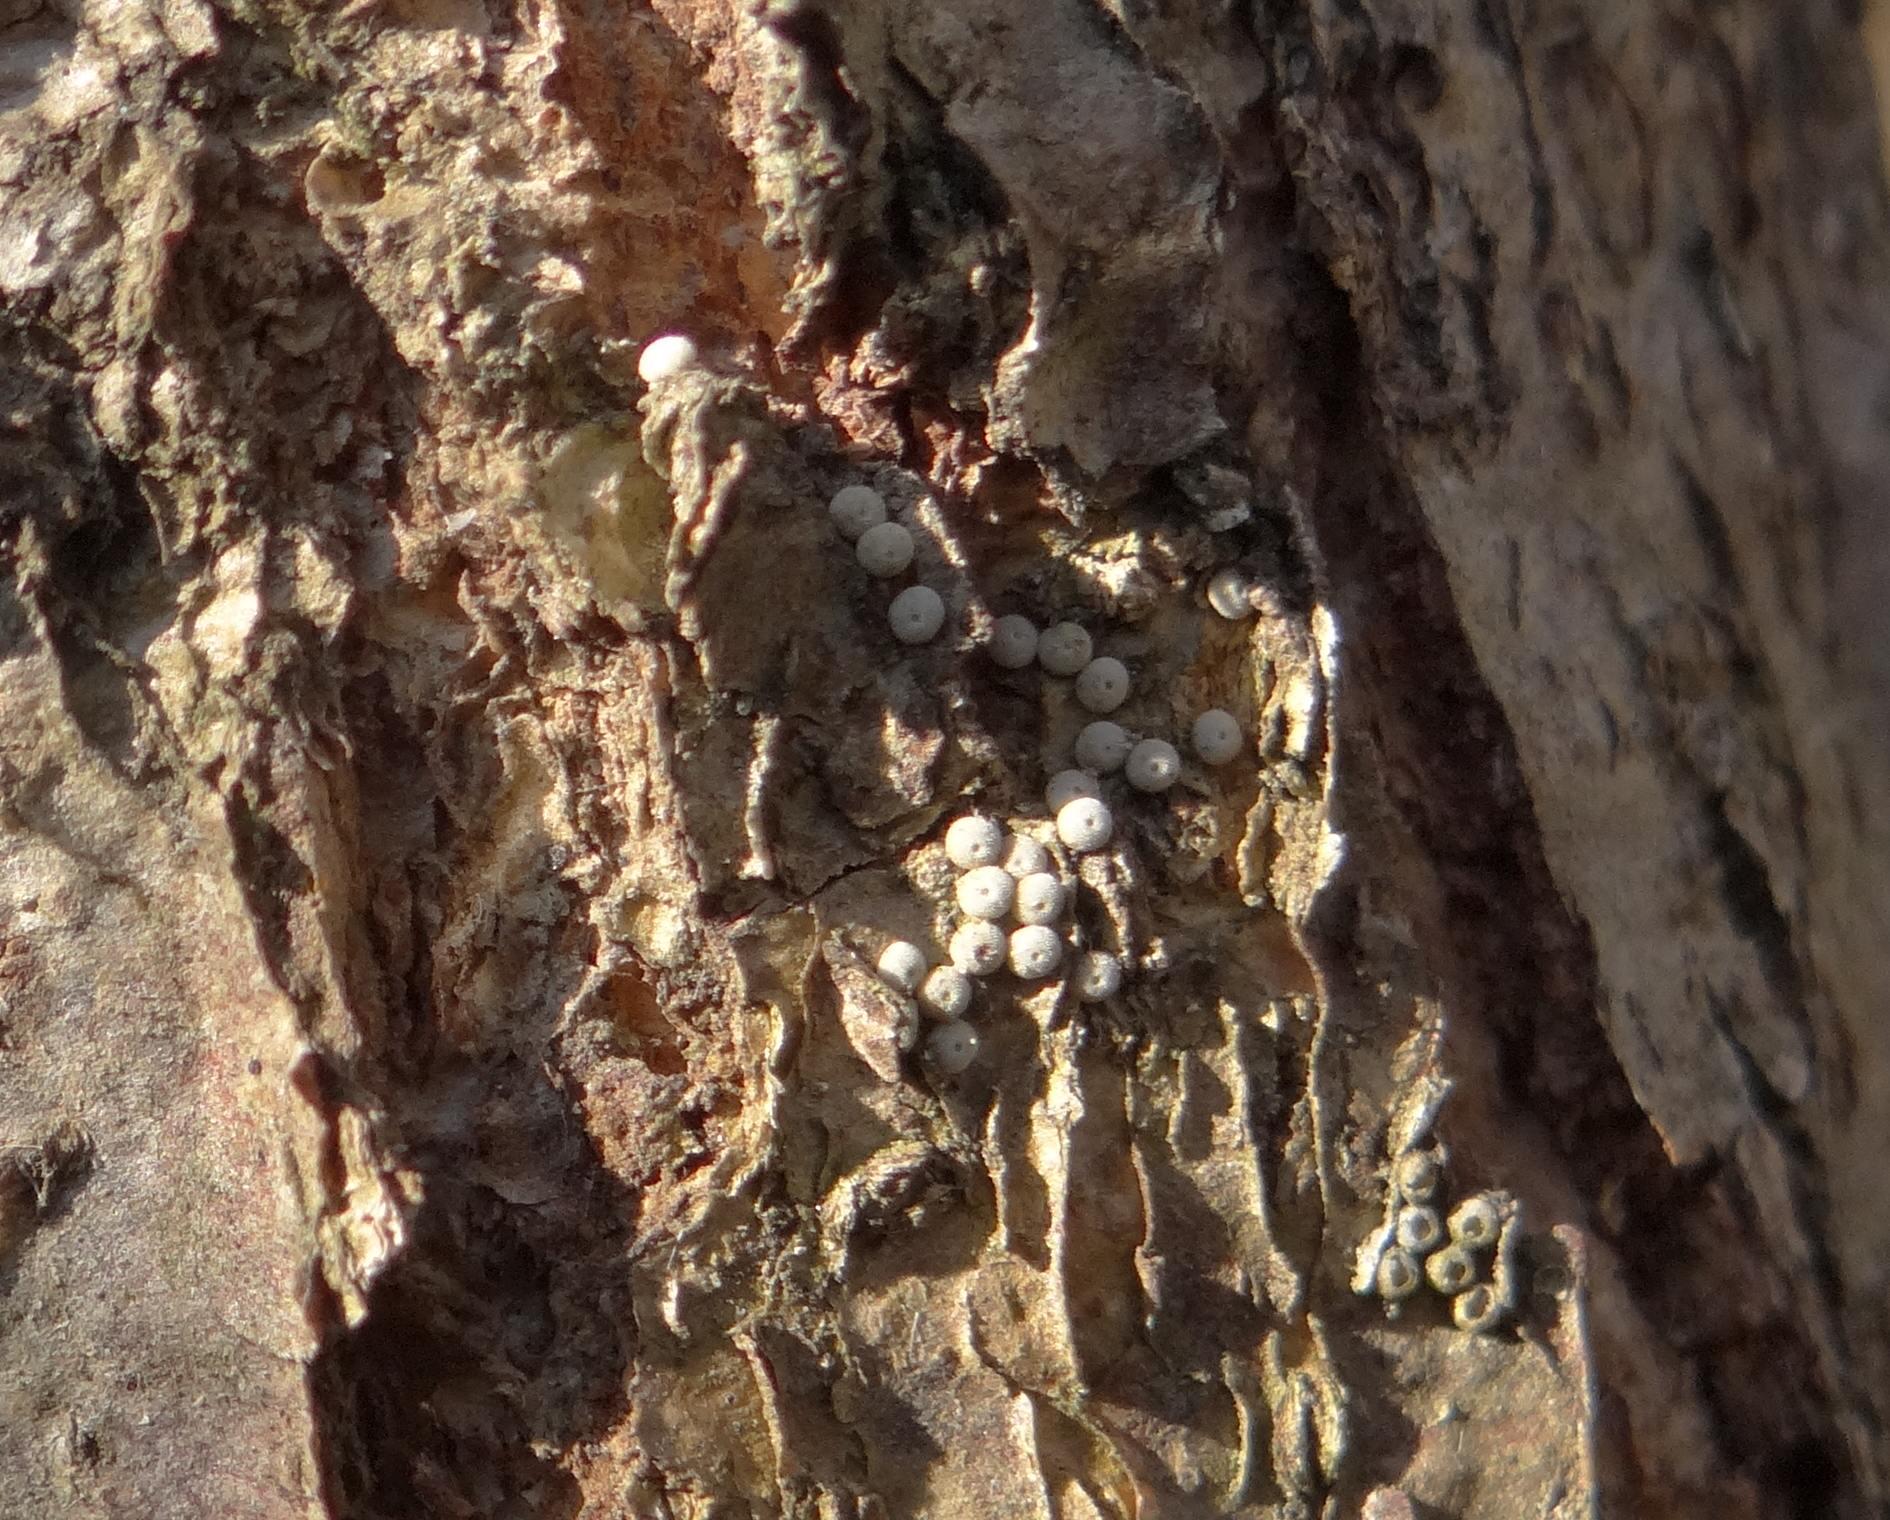 ミドリシジミの卵 伐採されたハンノキより_d0254540_1128718.jpg